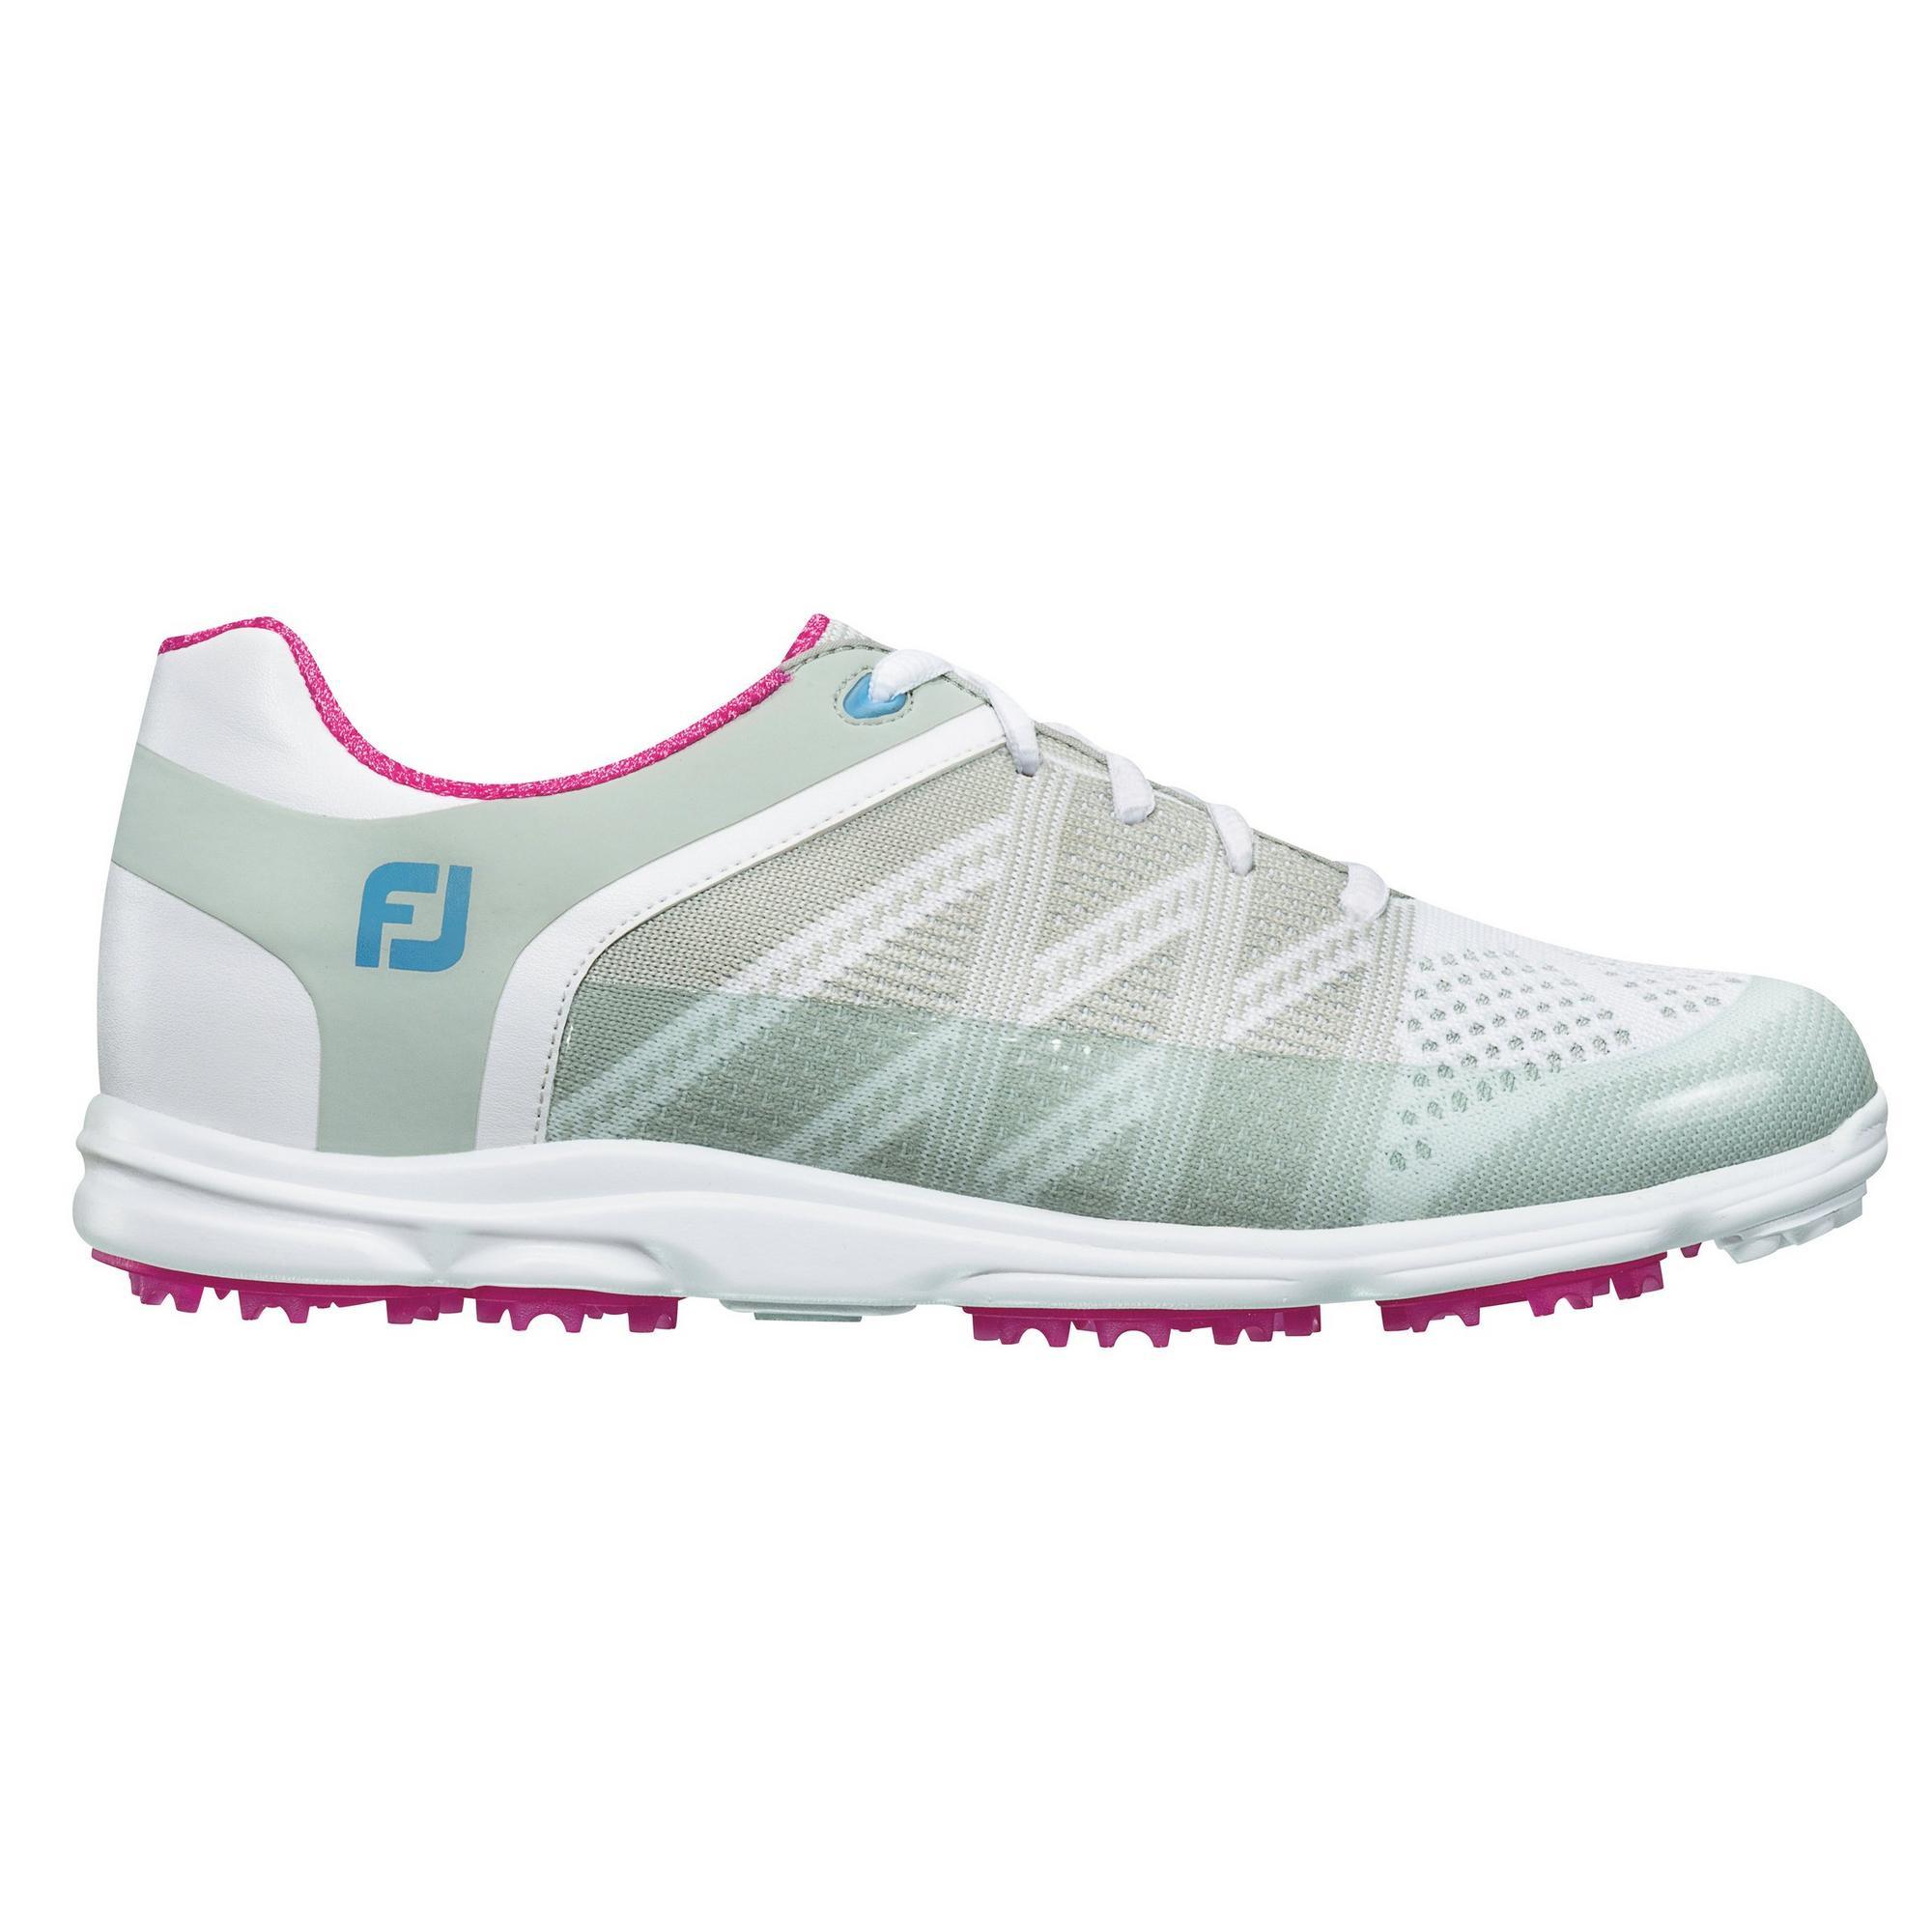 Women's Sport SL Spikeless Golf Shoe - WHT/PNK